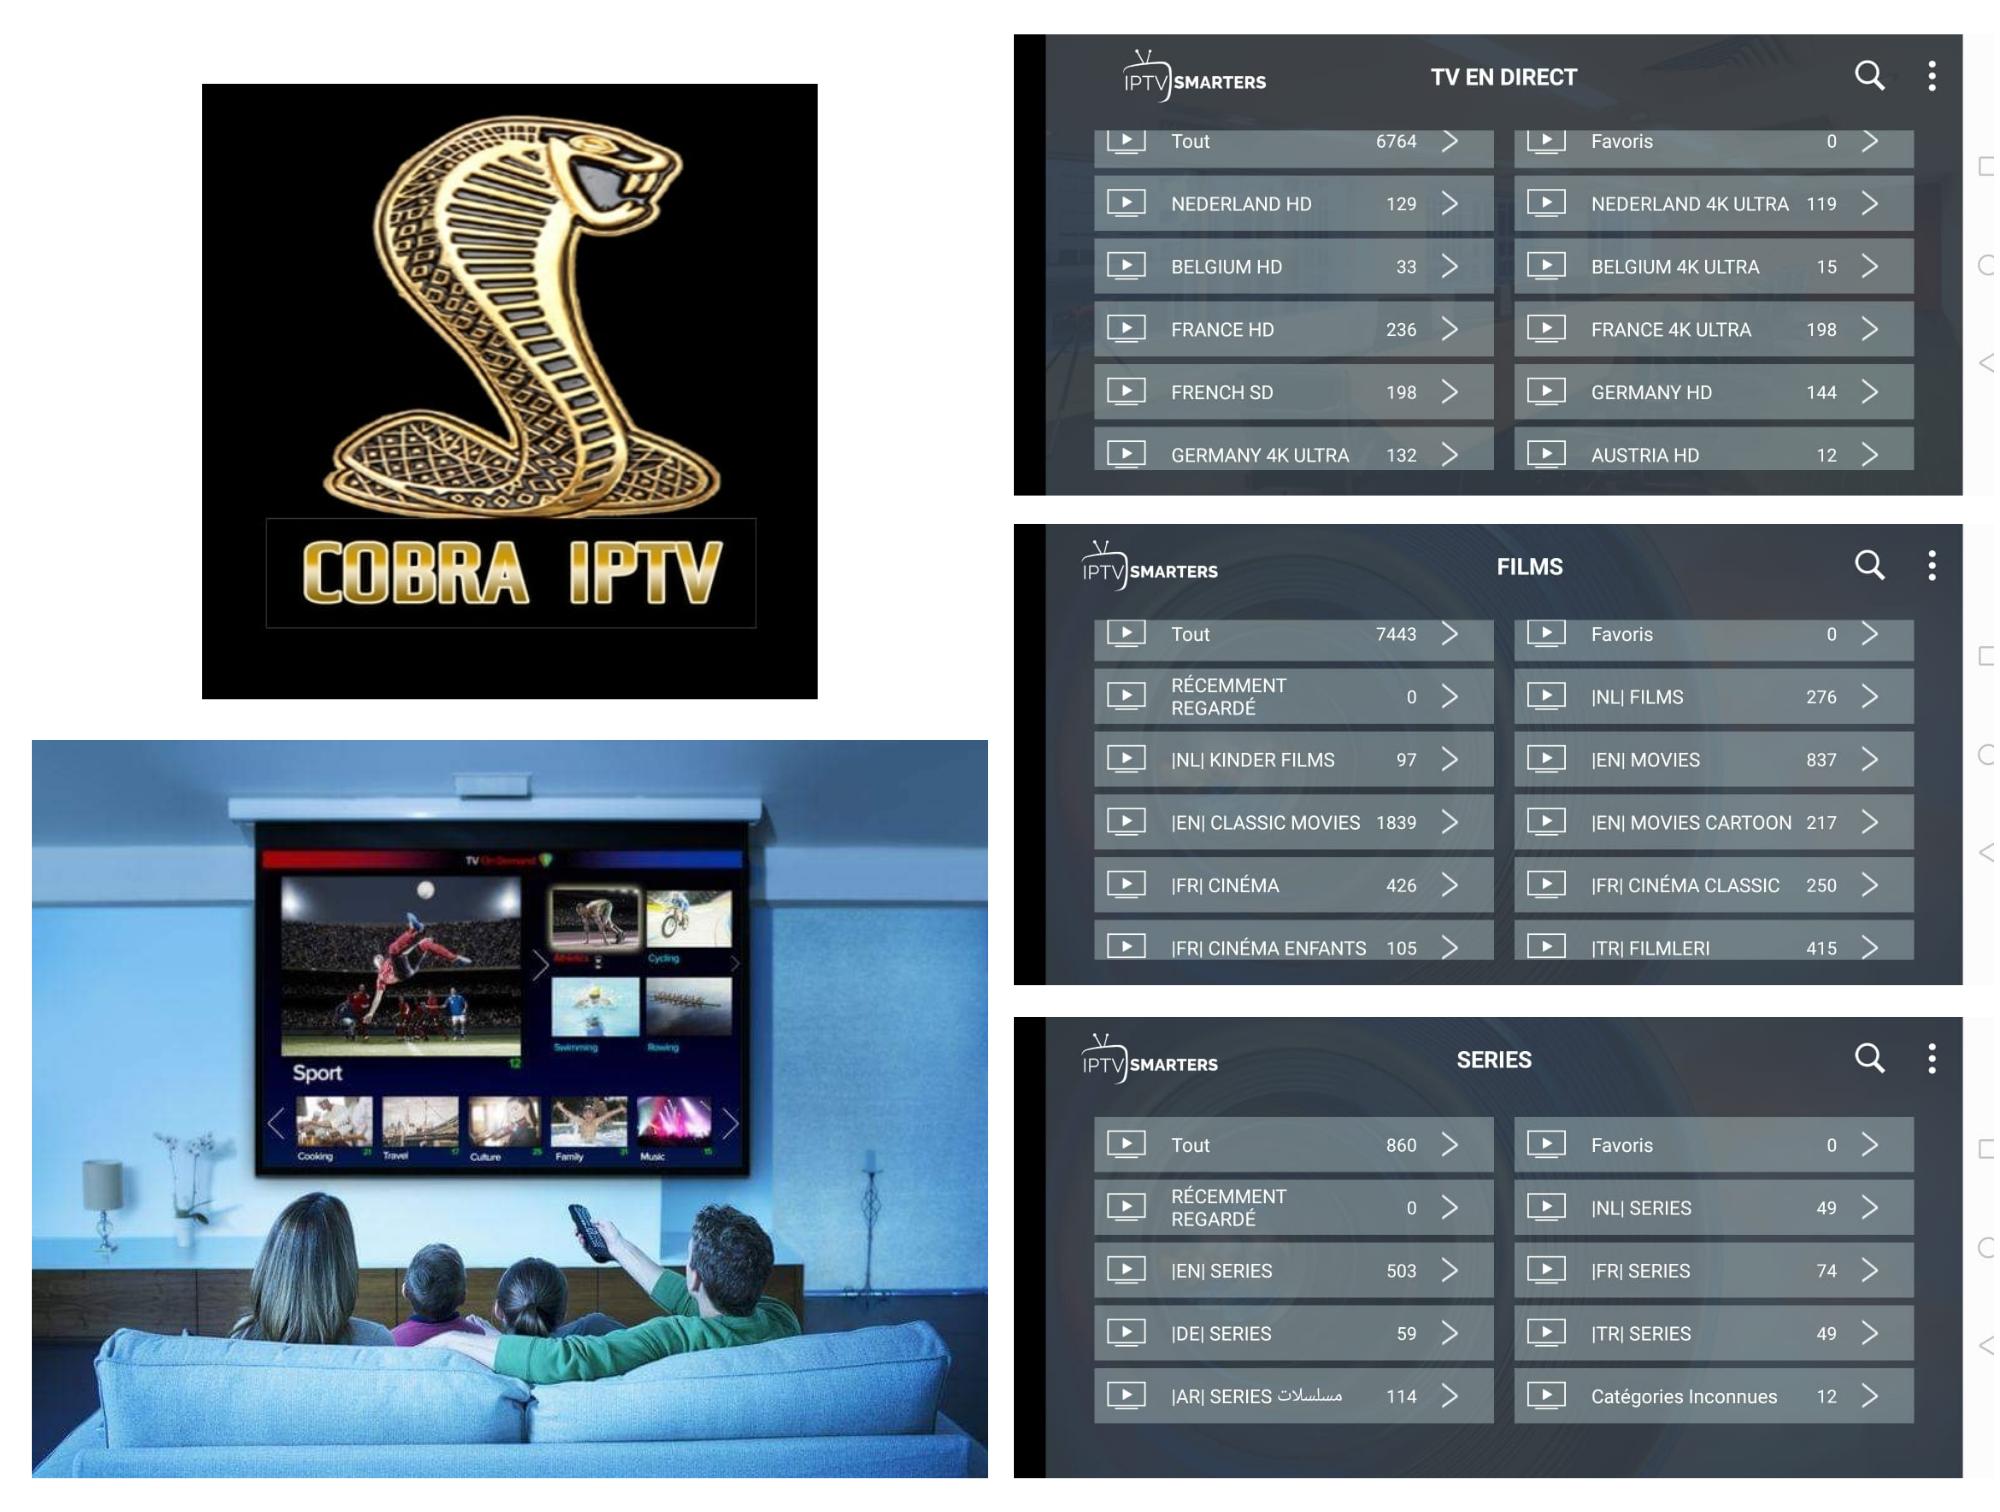 Cobra iptv